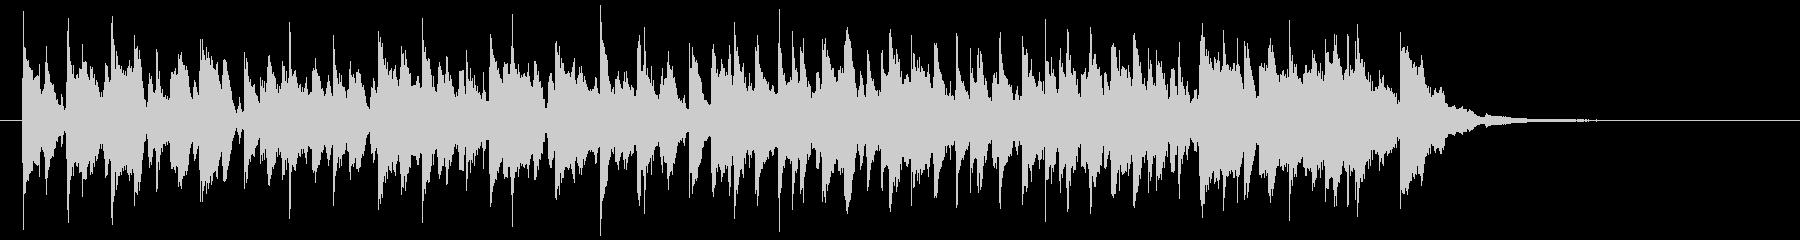 CM用13/ショート、陽気なキッズ向けの未再生の波形